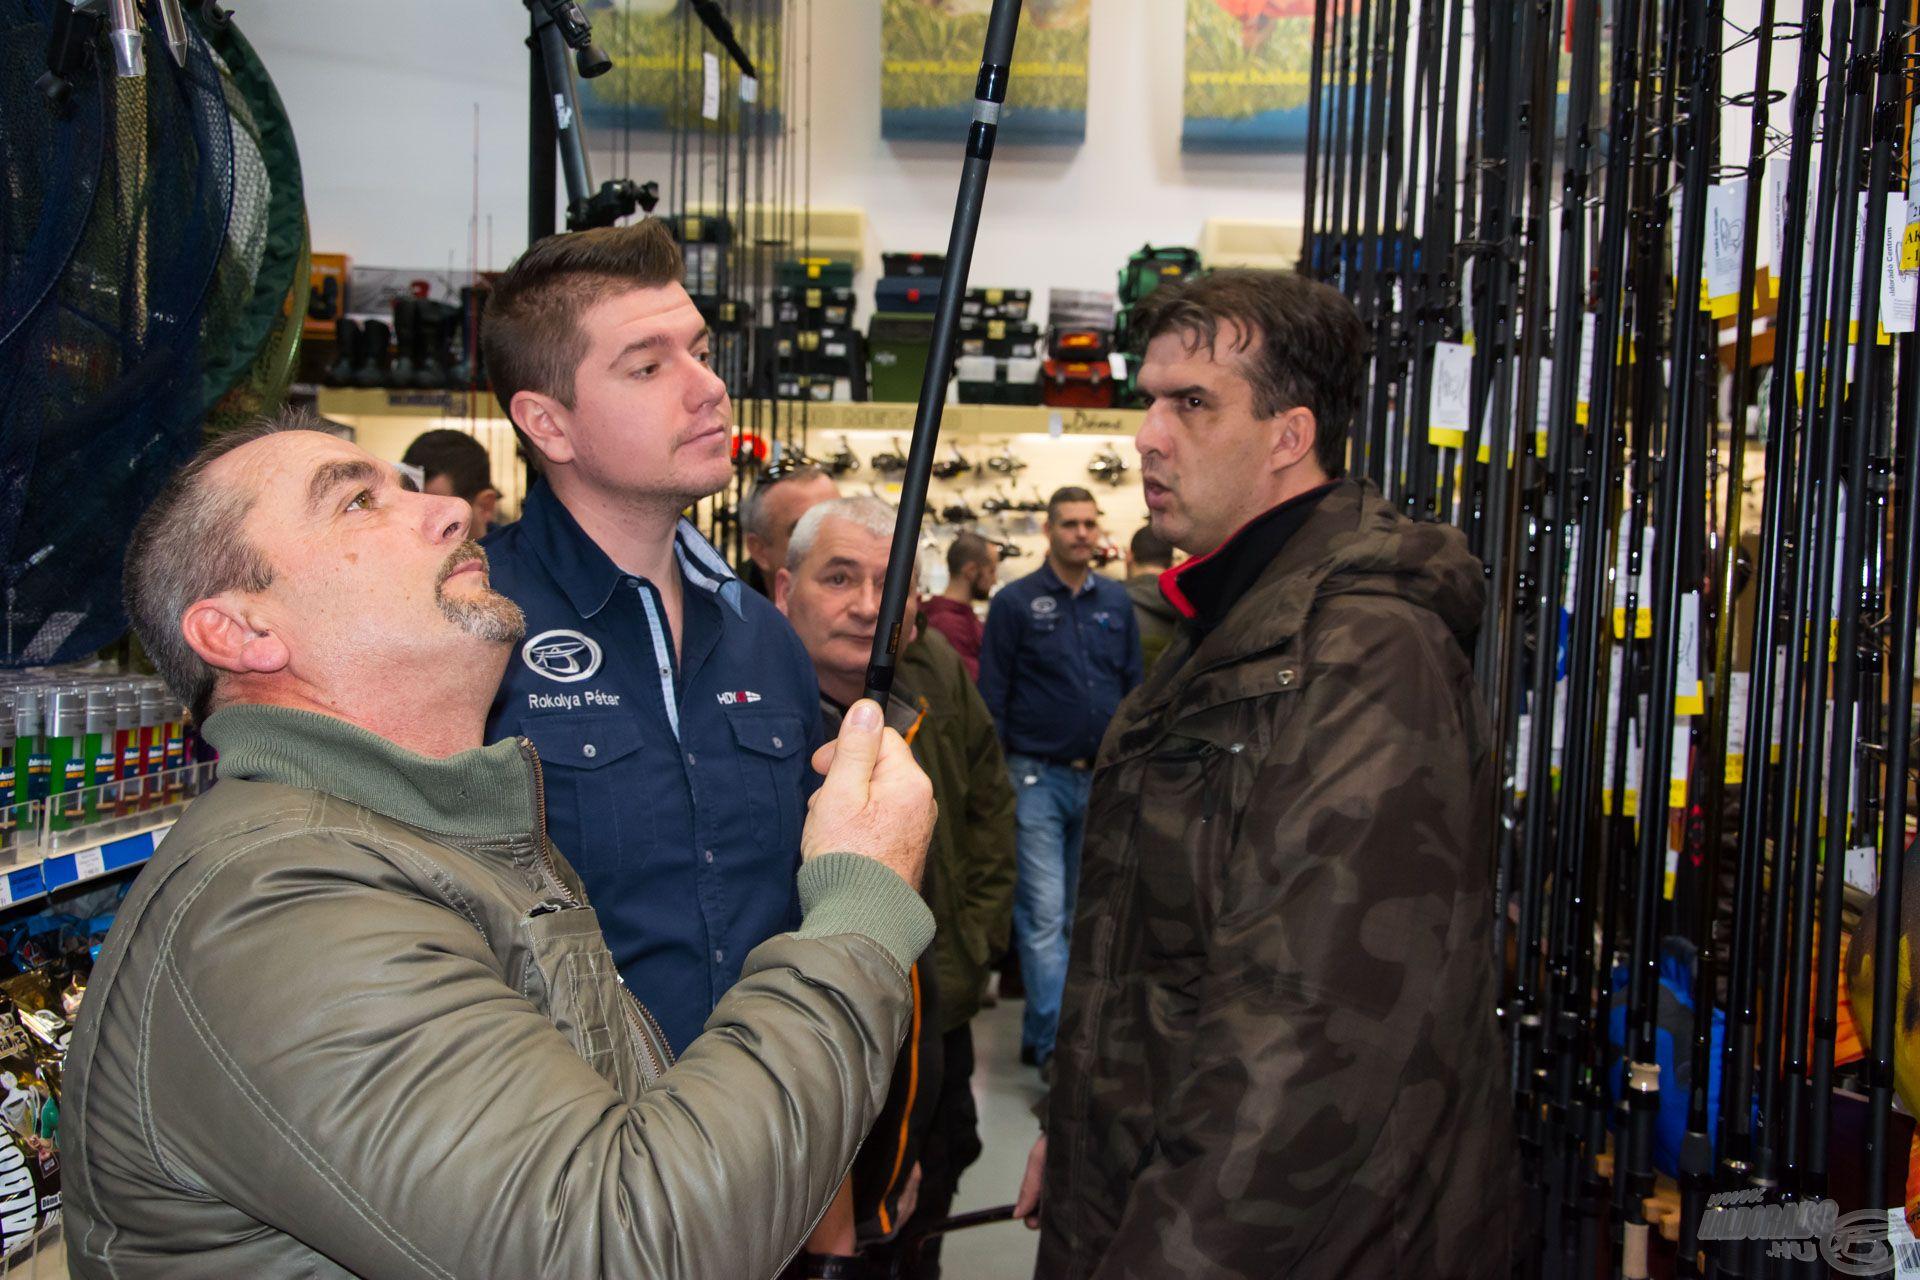 Rokolya Péter épp bojlis bot választásban segít